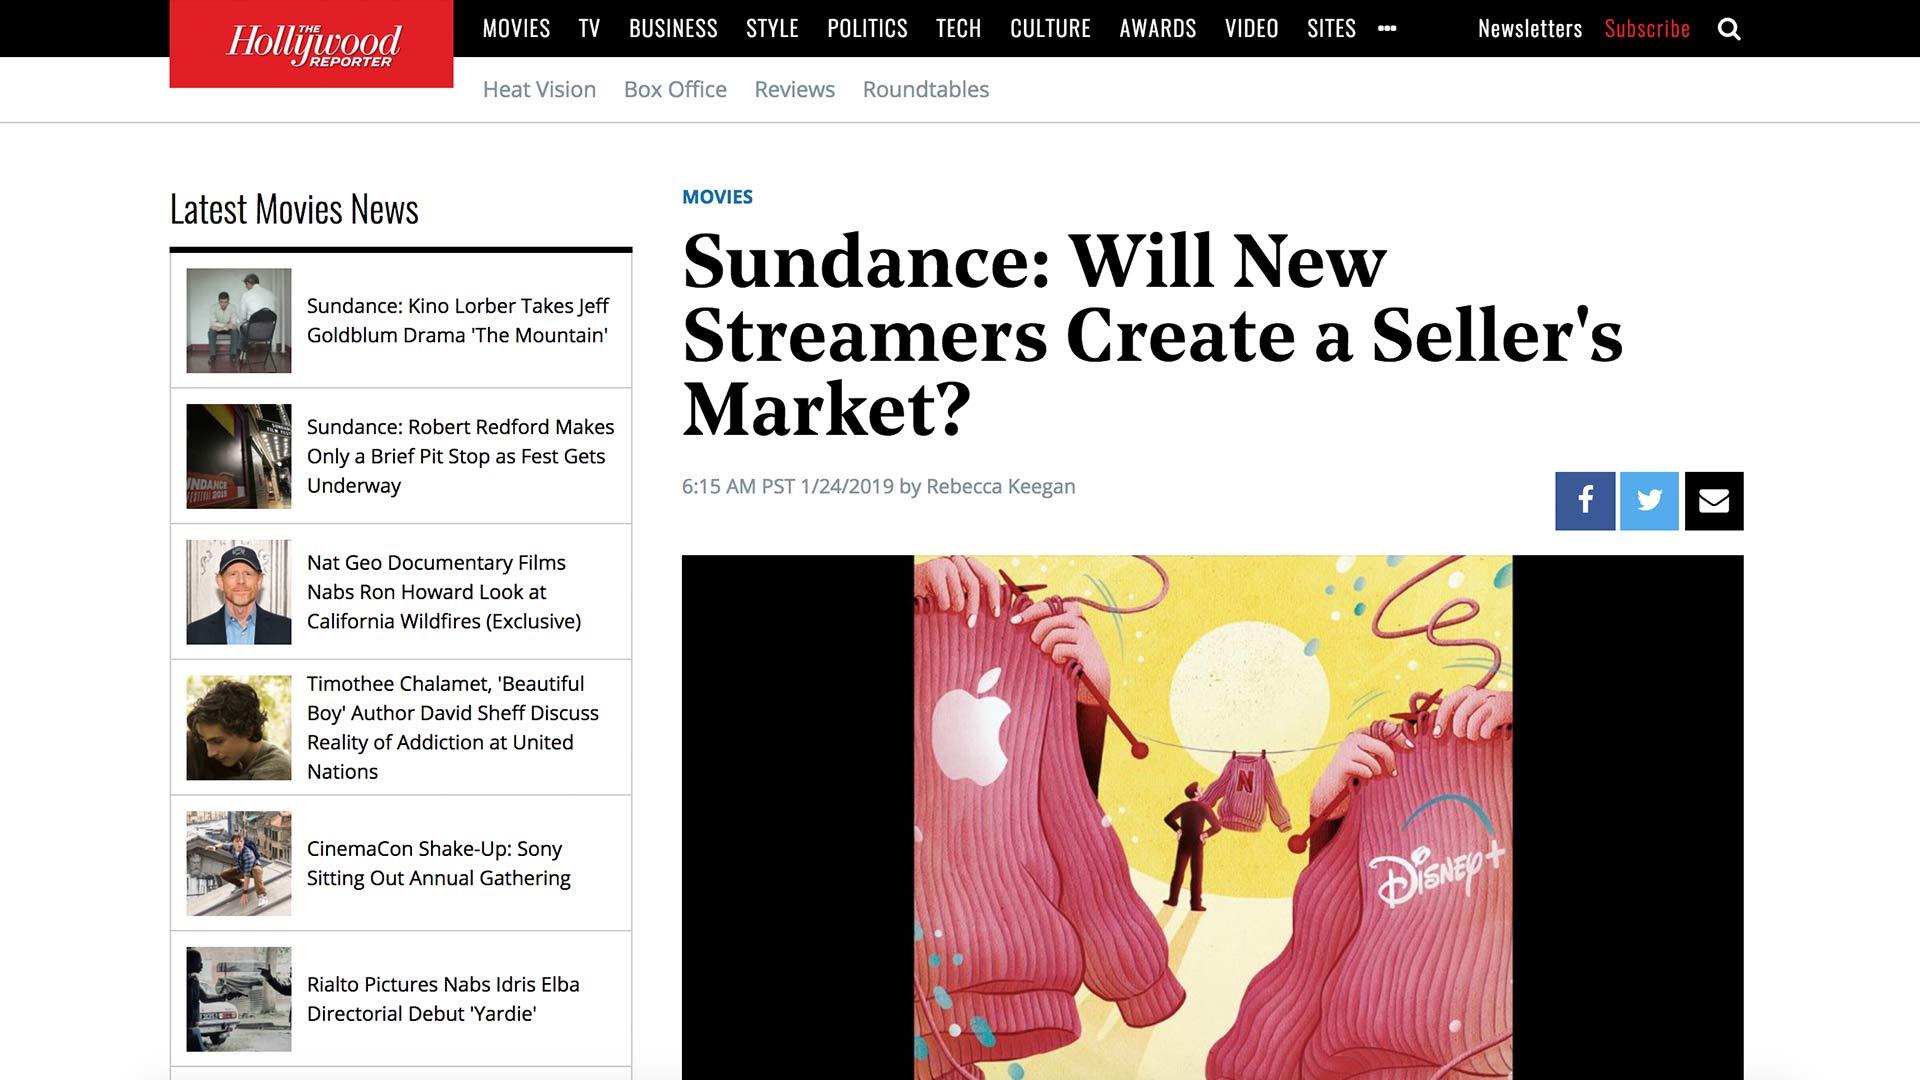 Fairness Rocks News Sundance: Will New Streamers Create a Seller's Market?